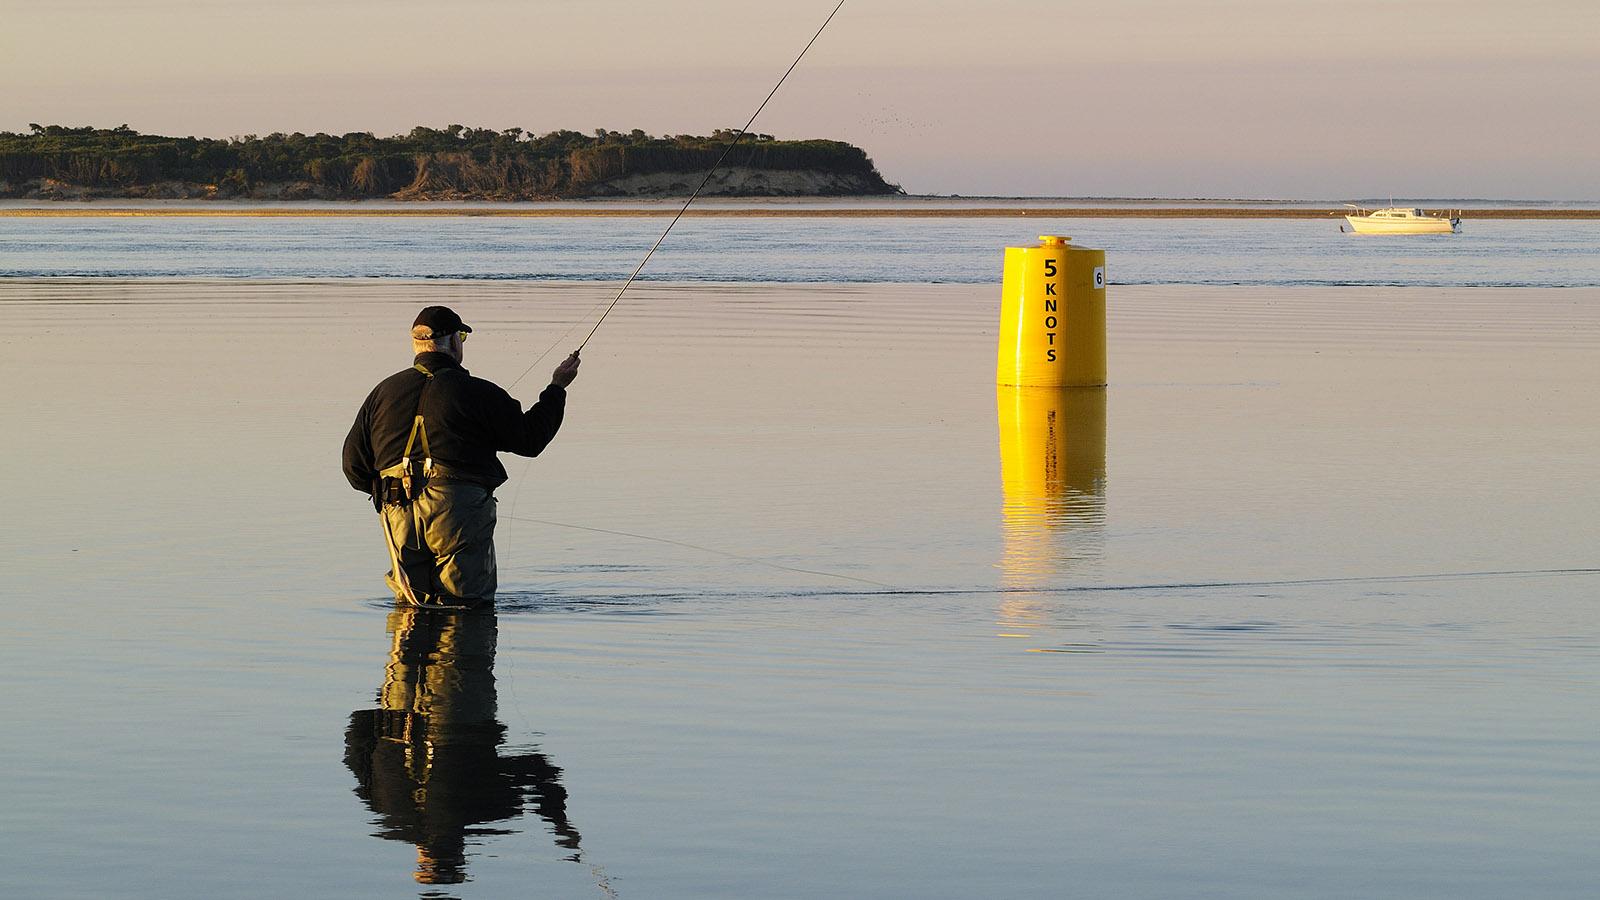 Fishing in Inverloch, Gippsland, Victoria, Australia